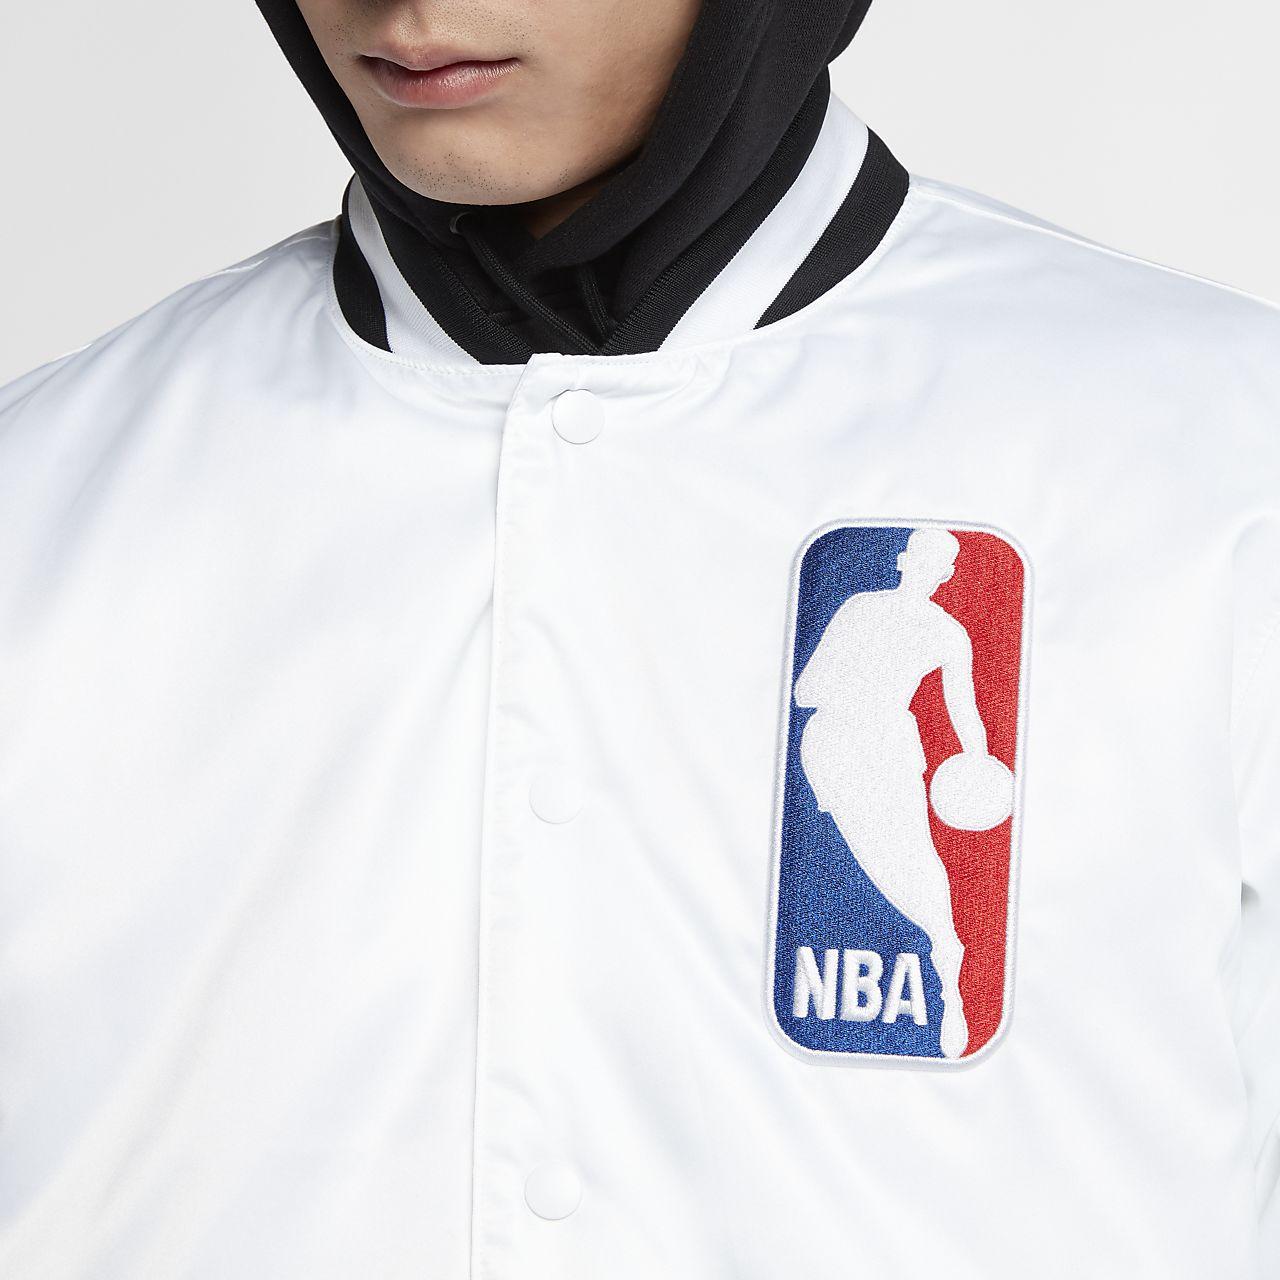 00095e5e Nike SB x NBA Men's Bomber Jacket. Nike.com HR